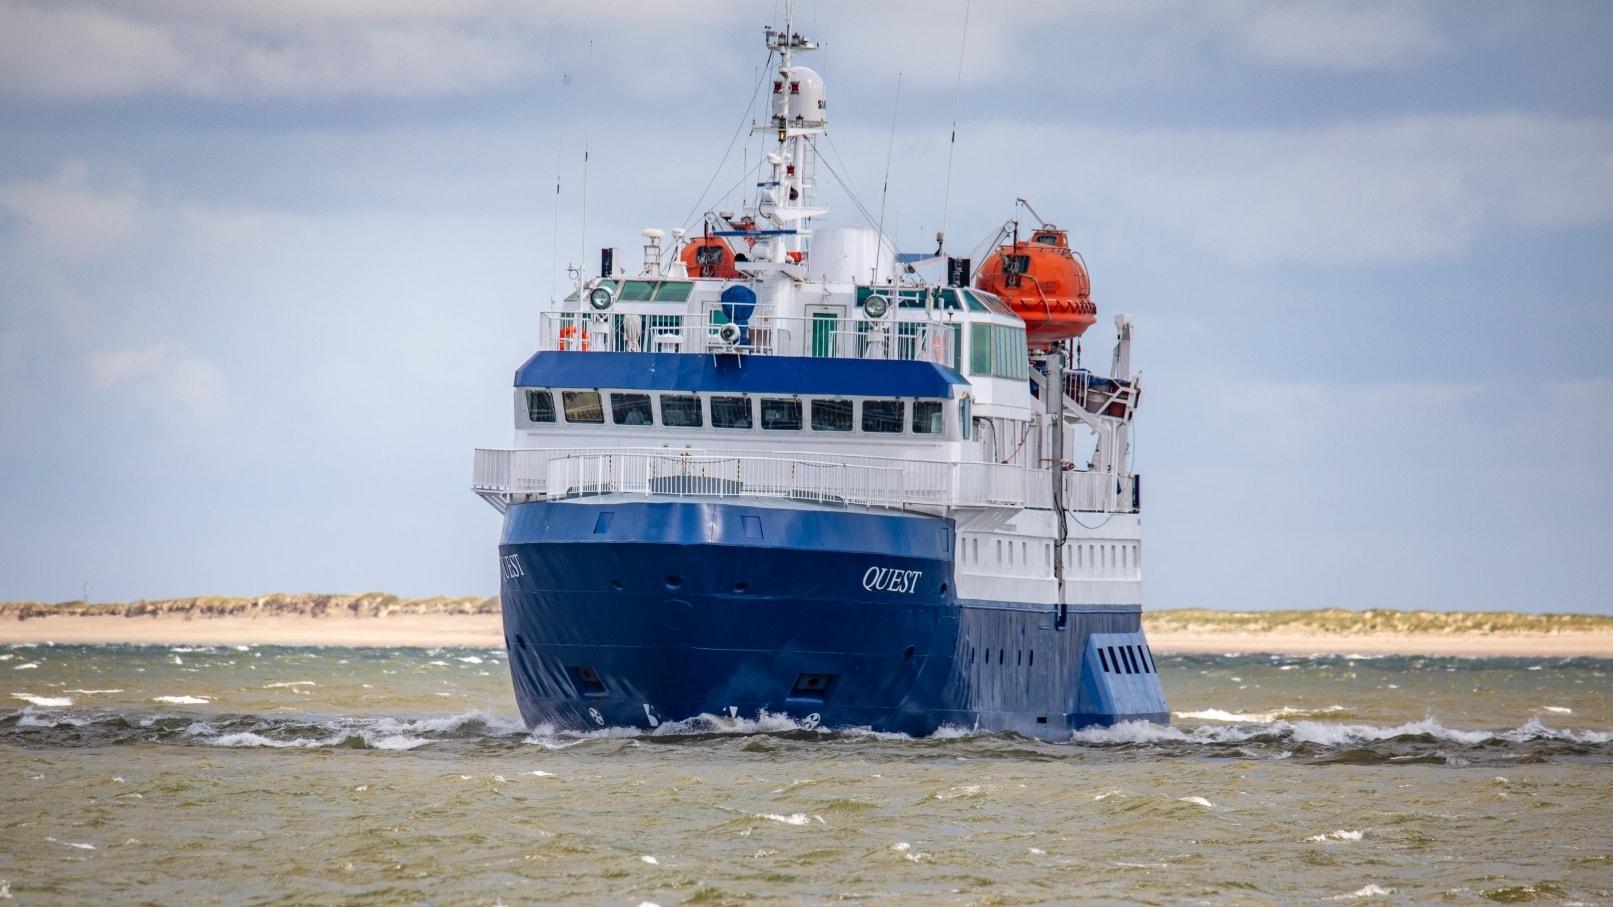 Die MS Quest ist im nordfriesischen Wattenmeer unterwegs